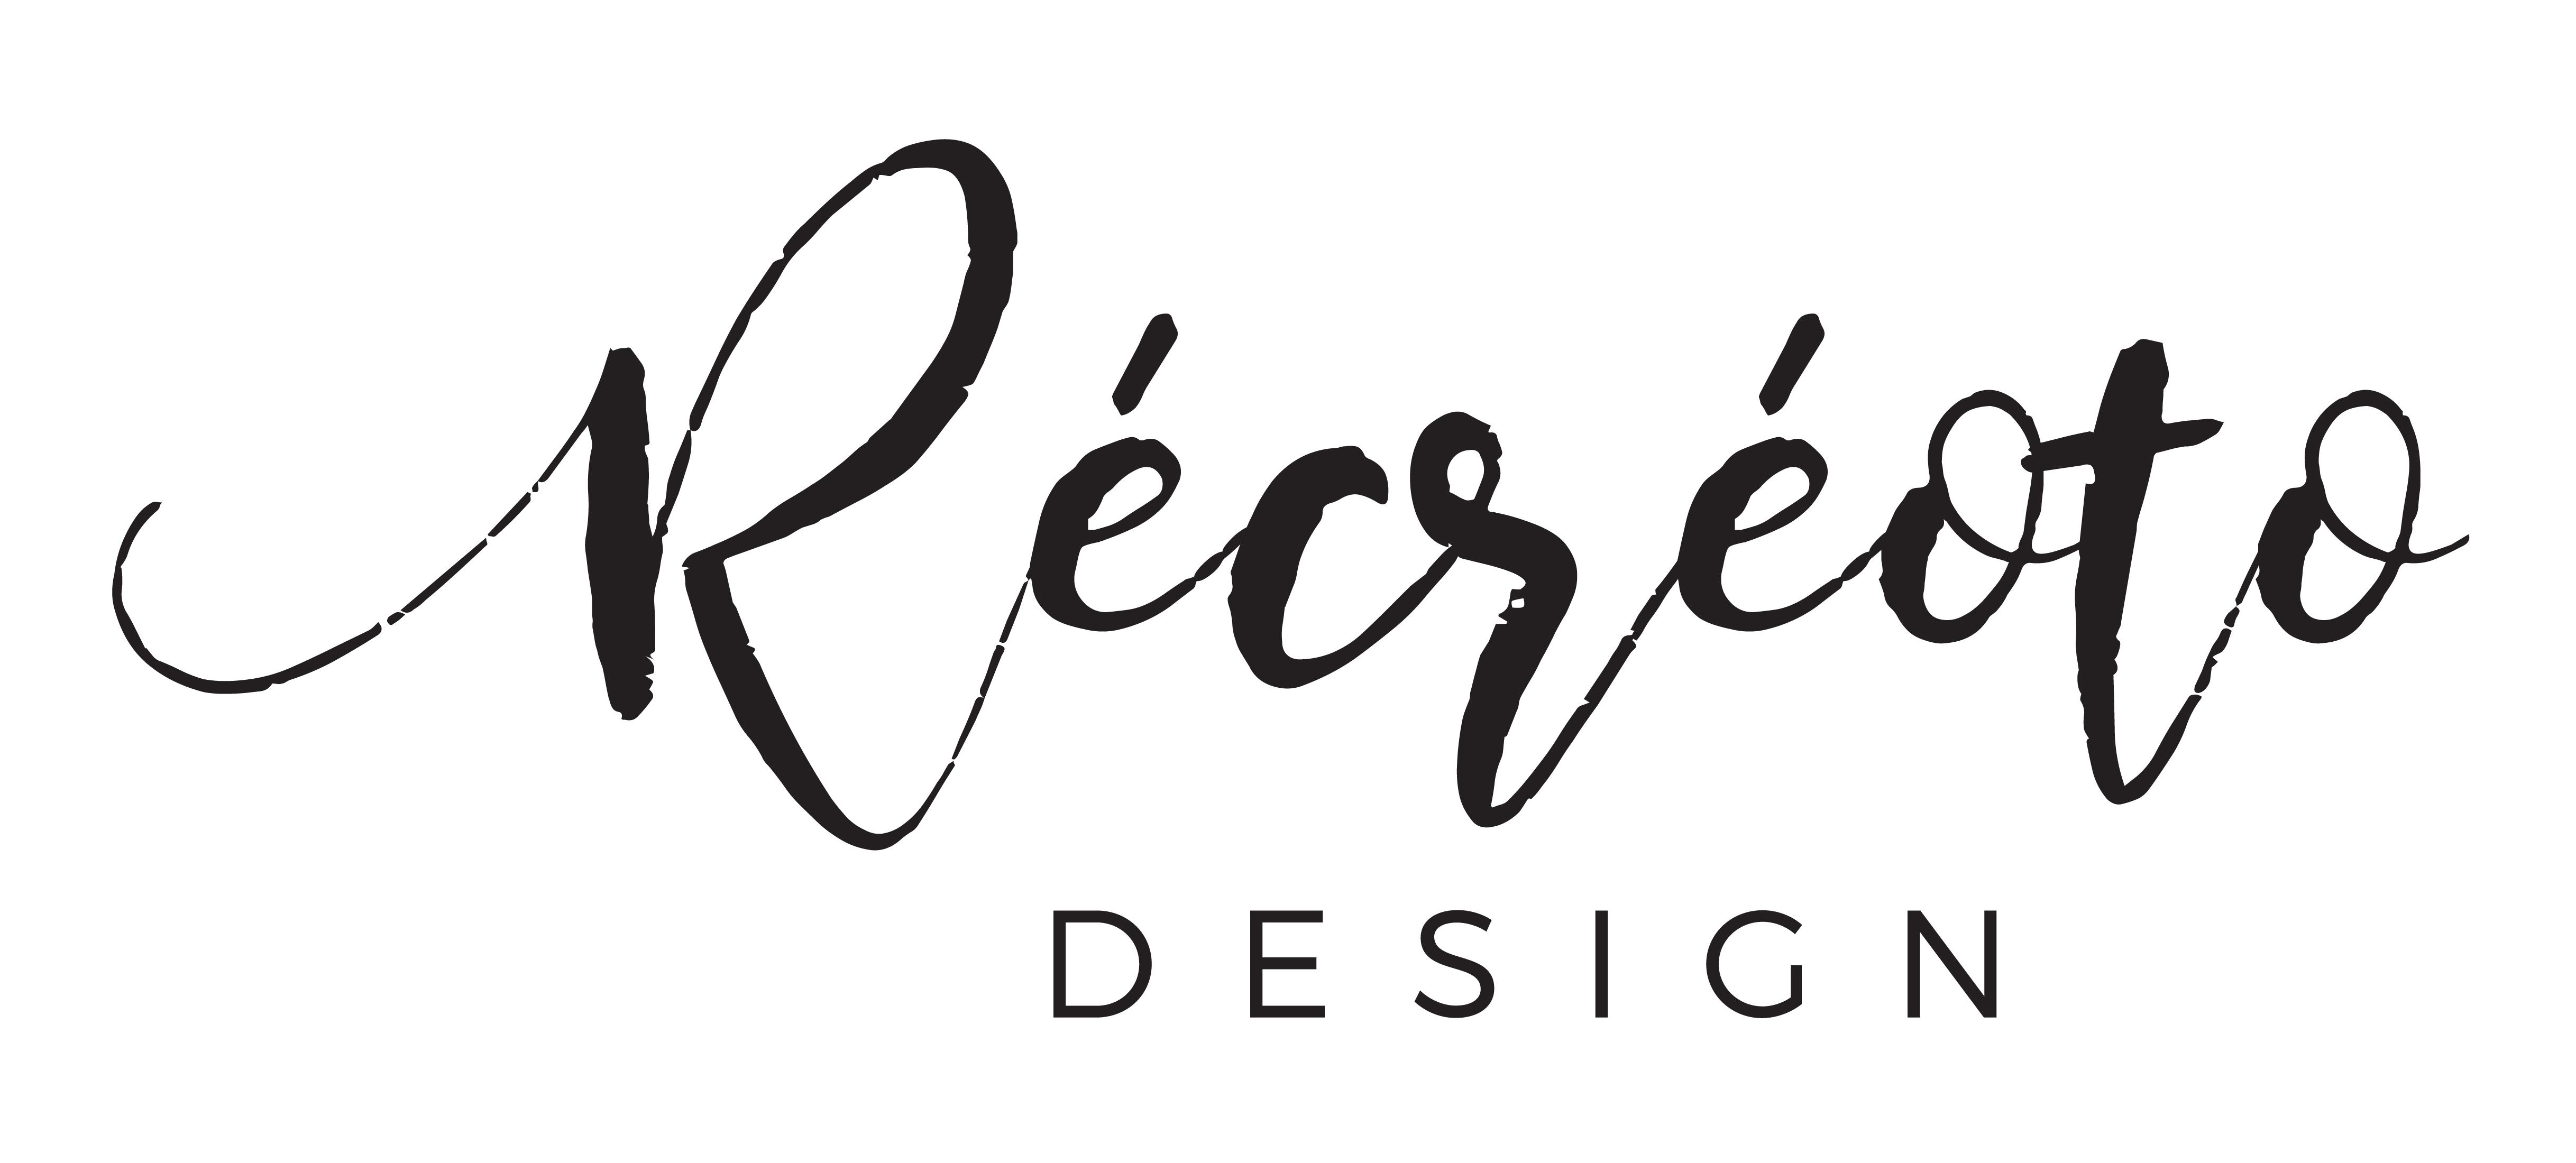 Récréoto Design